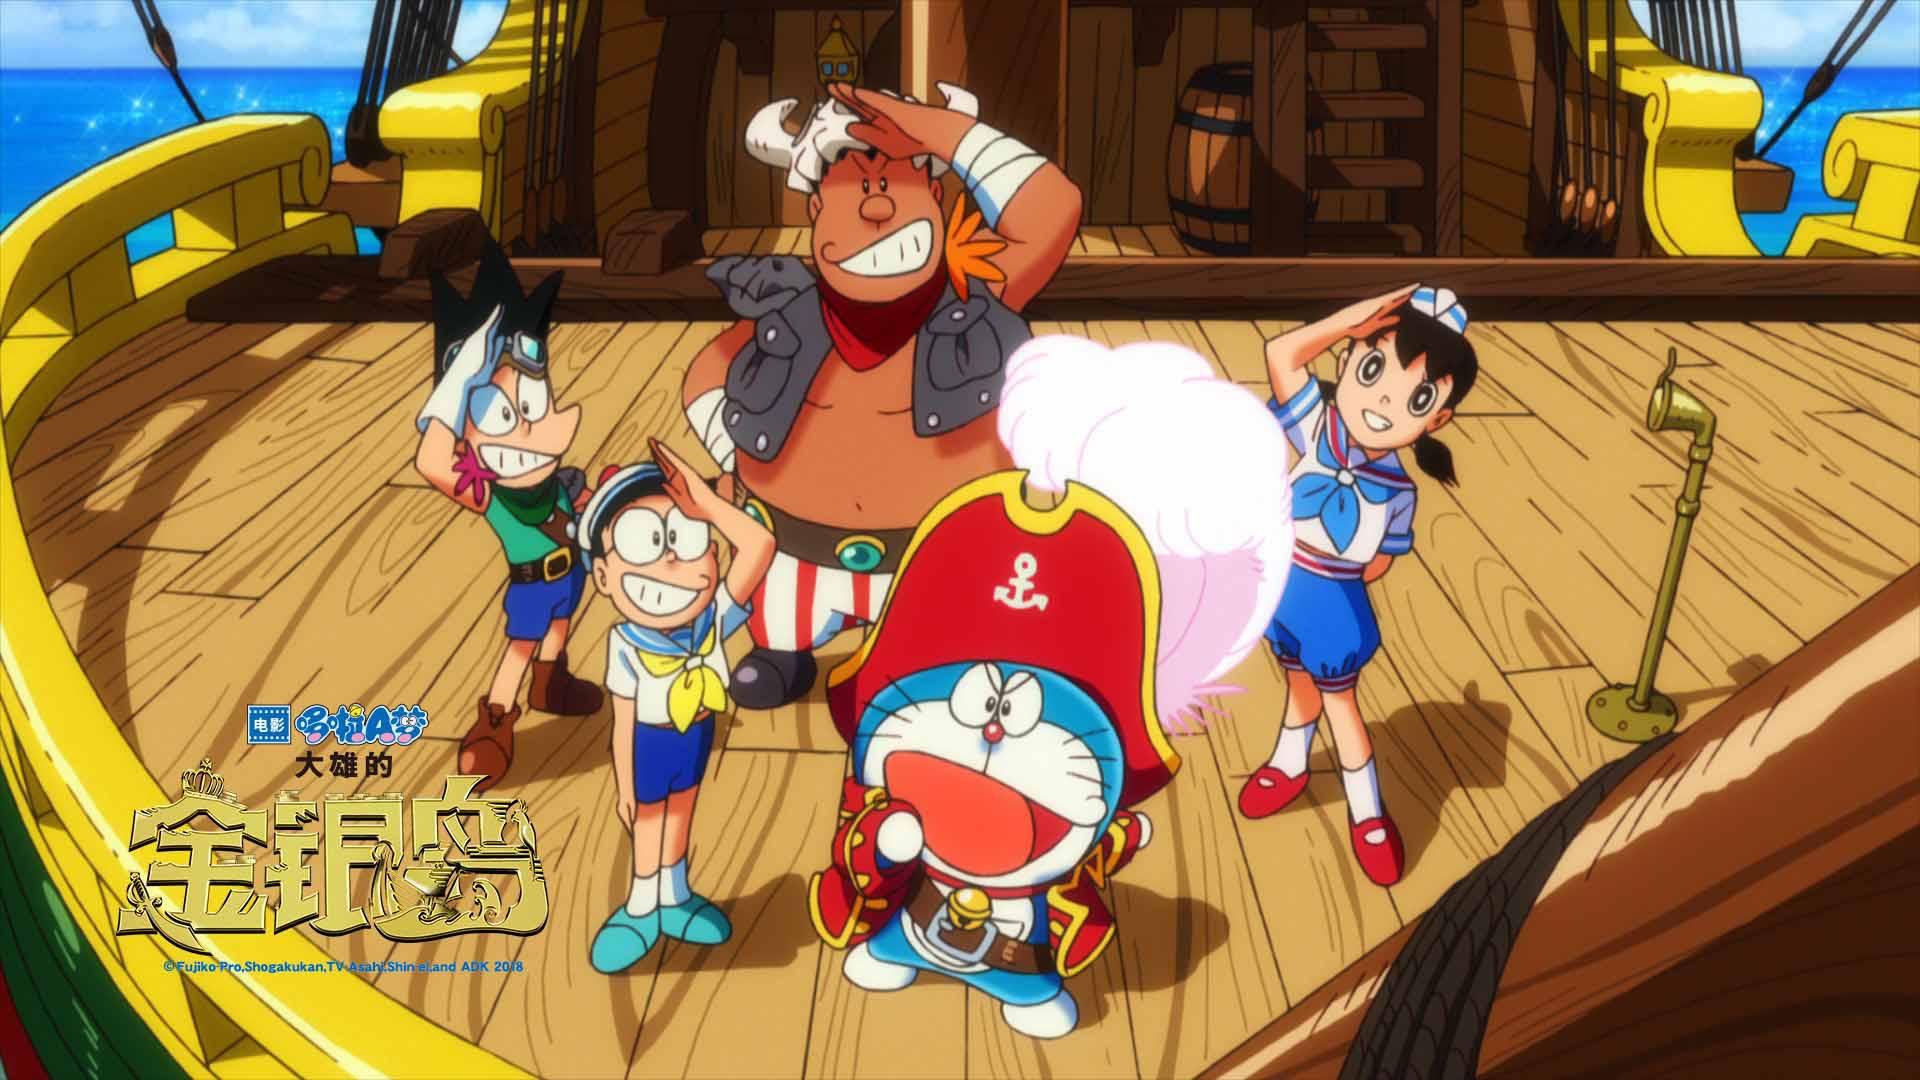 哆啦A梦 大雄的金银岛 即将上映, 蓝胖子 哆啦A梦不再只是蓝色